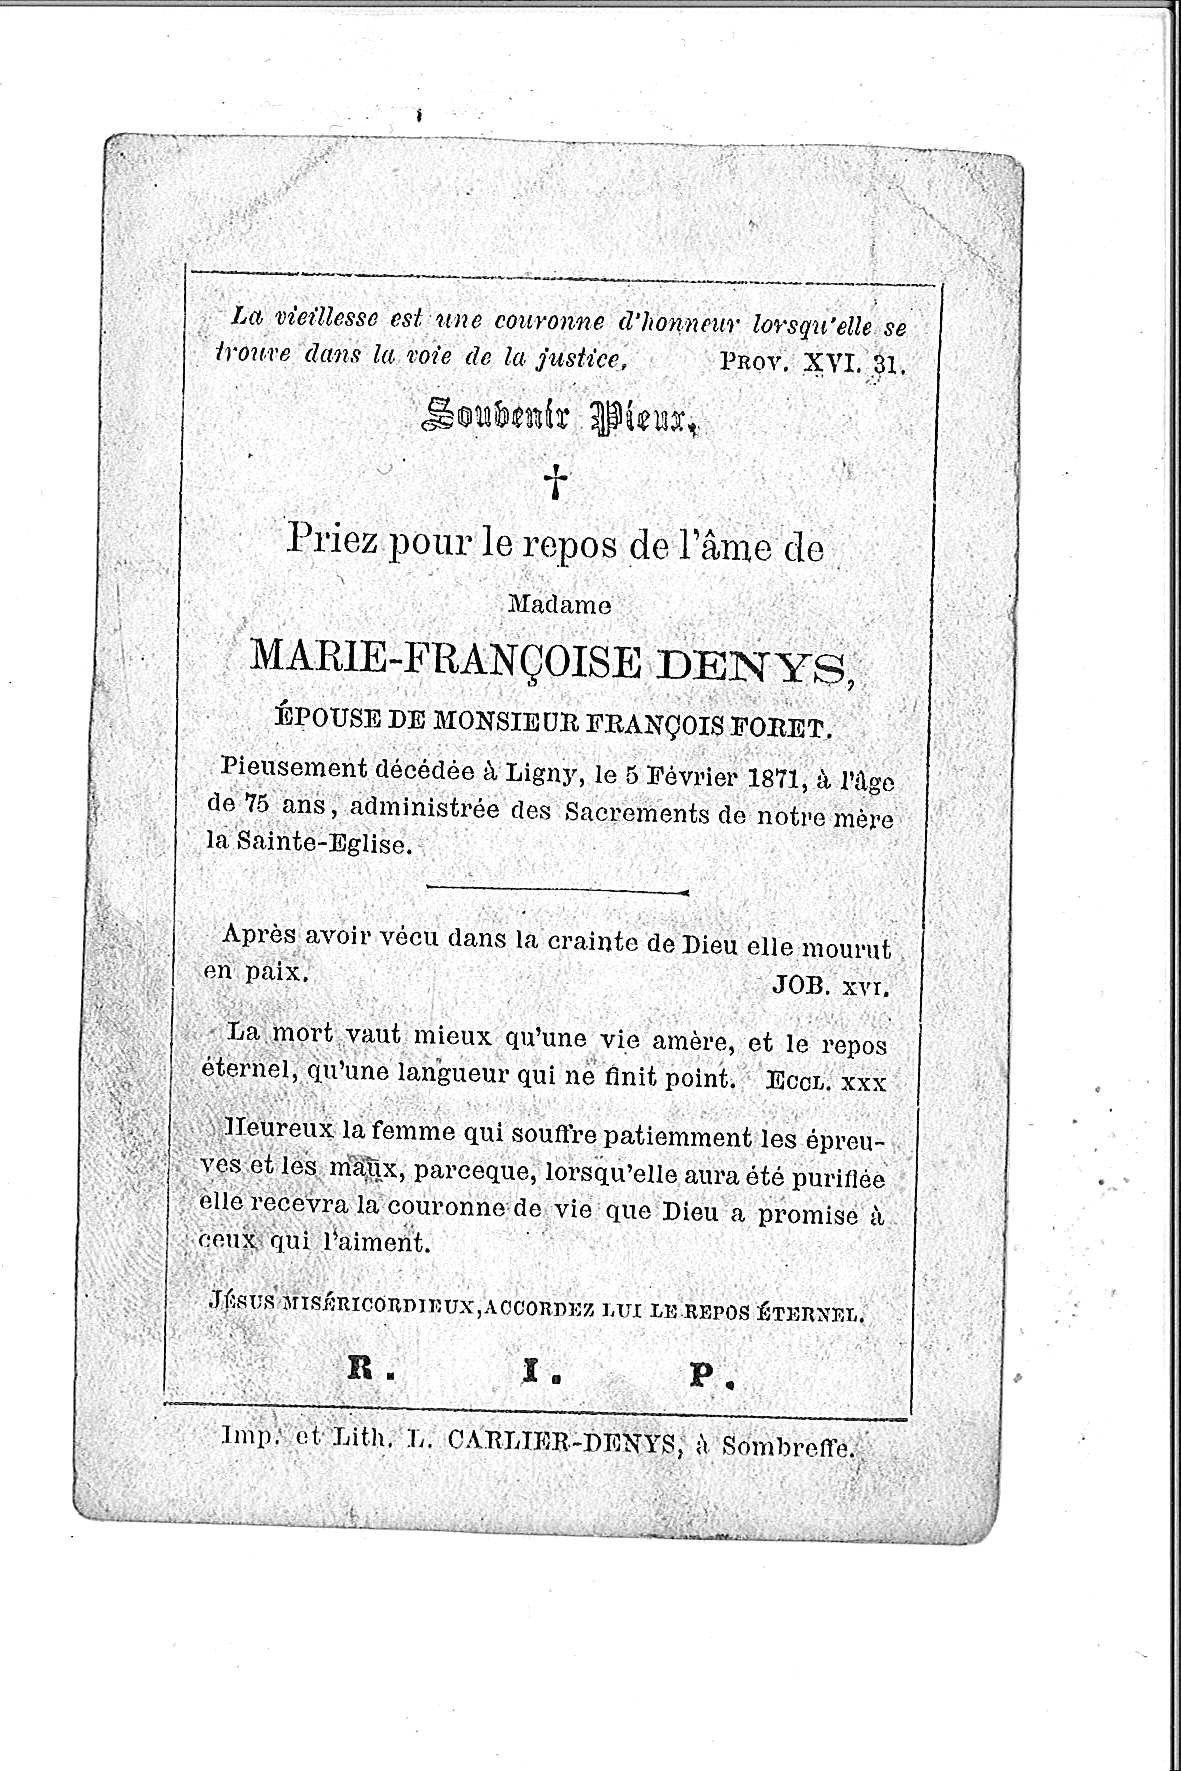 Marie-Françoise(1871)20150415104000_00058.jpg